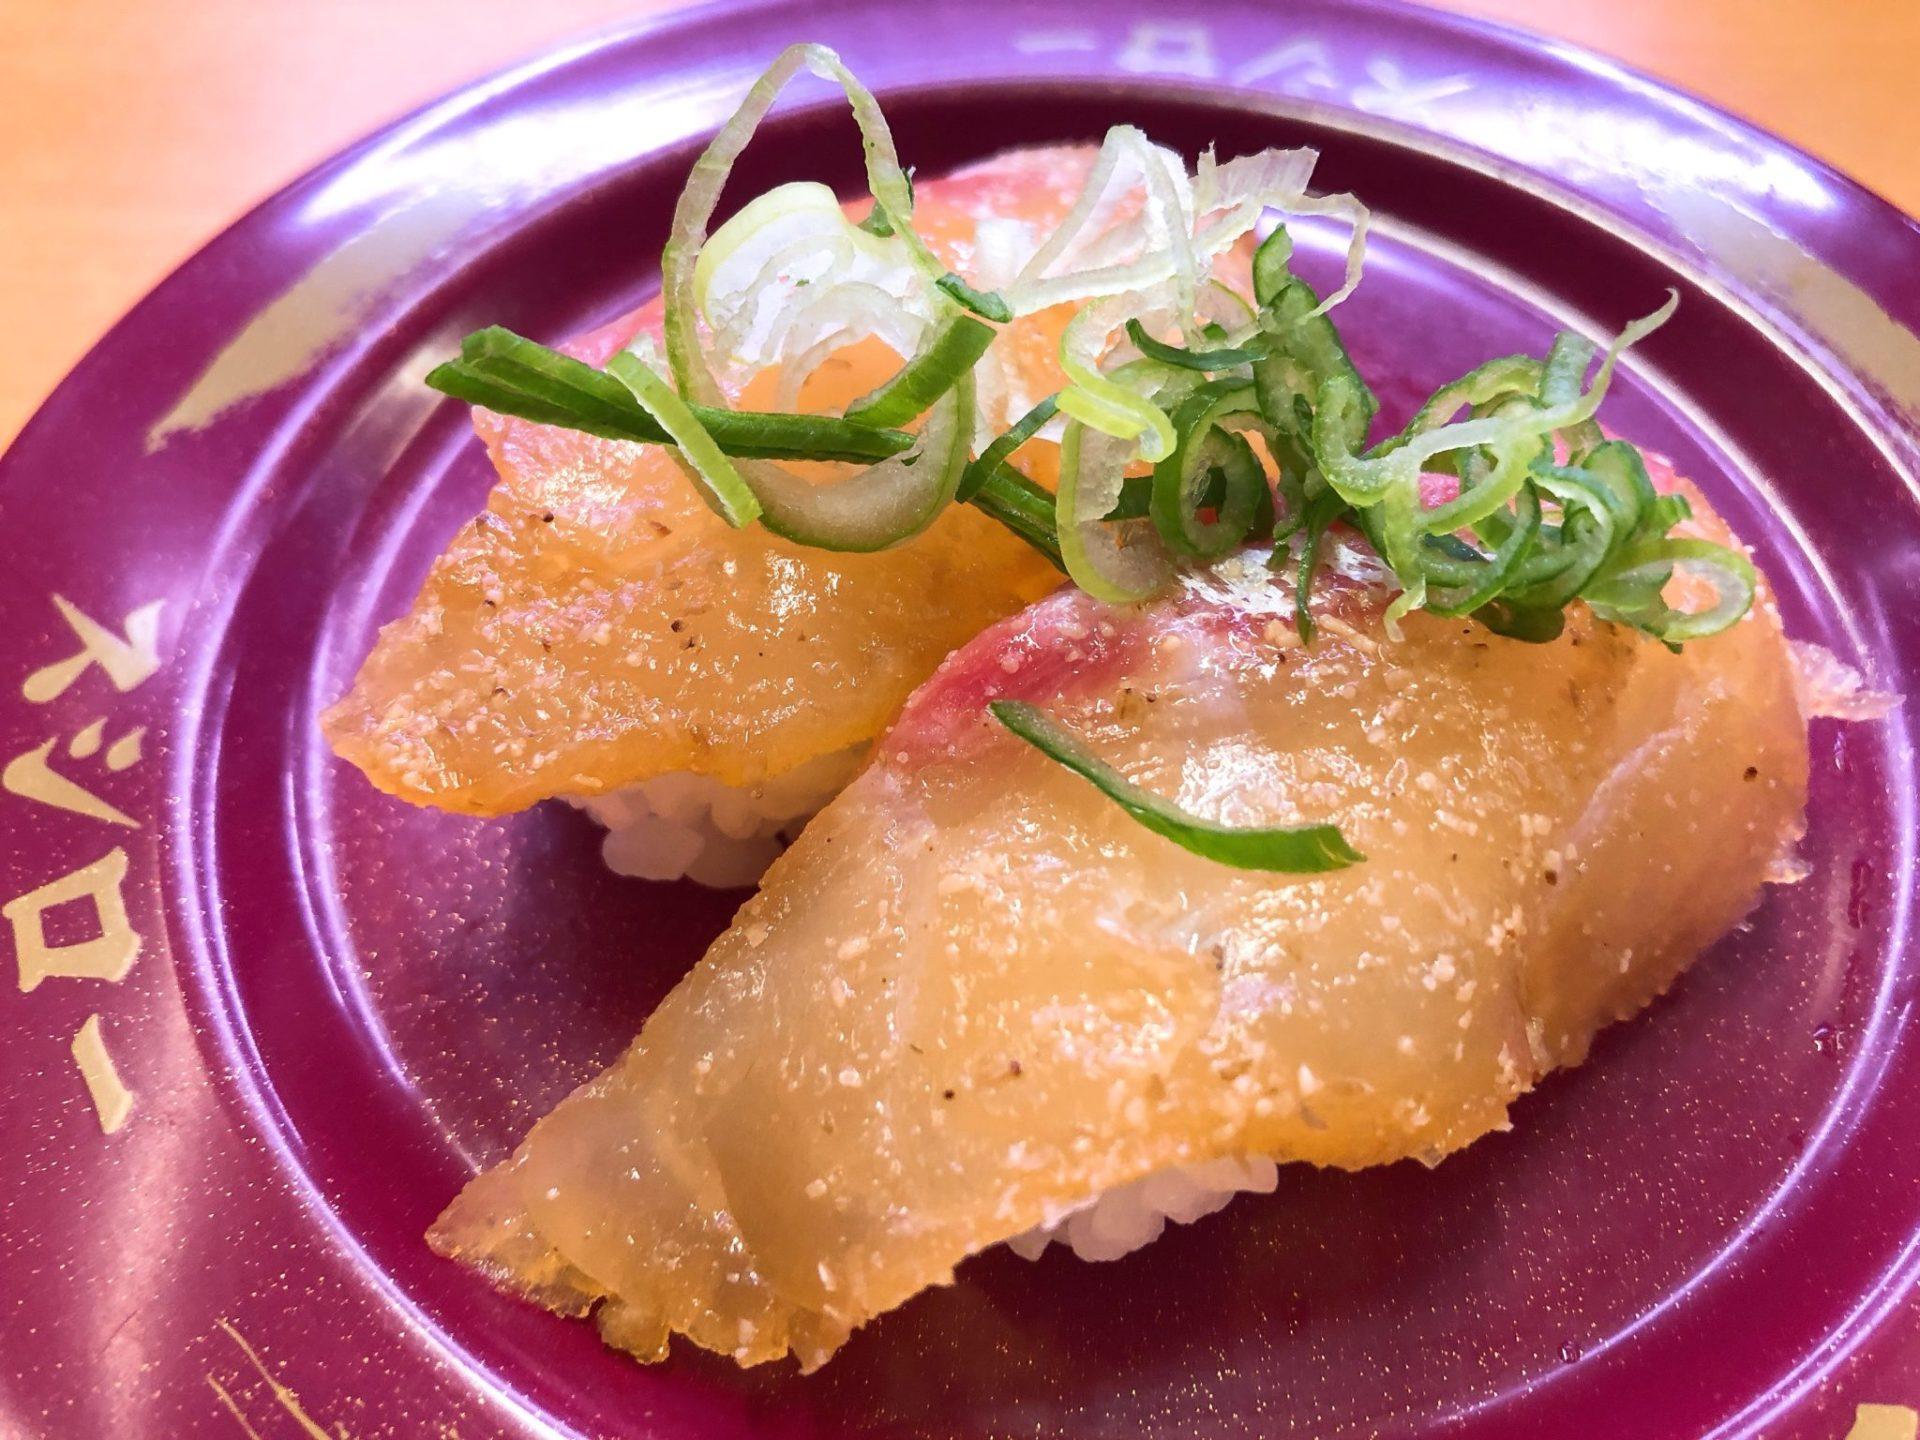 スシロー有楽町店のおすしづけごま真鯛